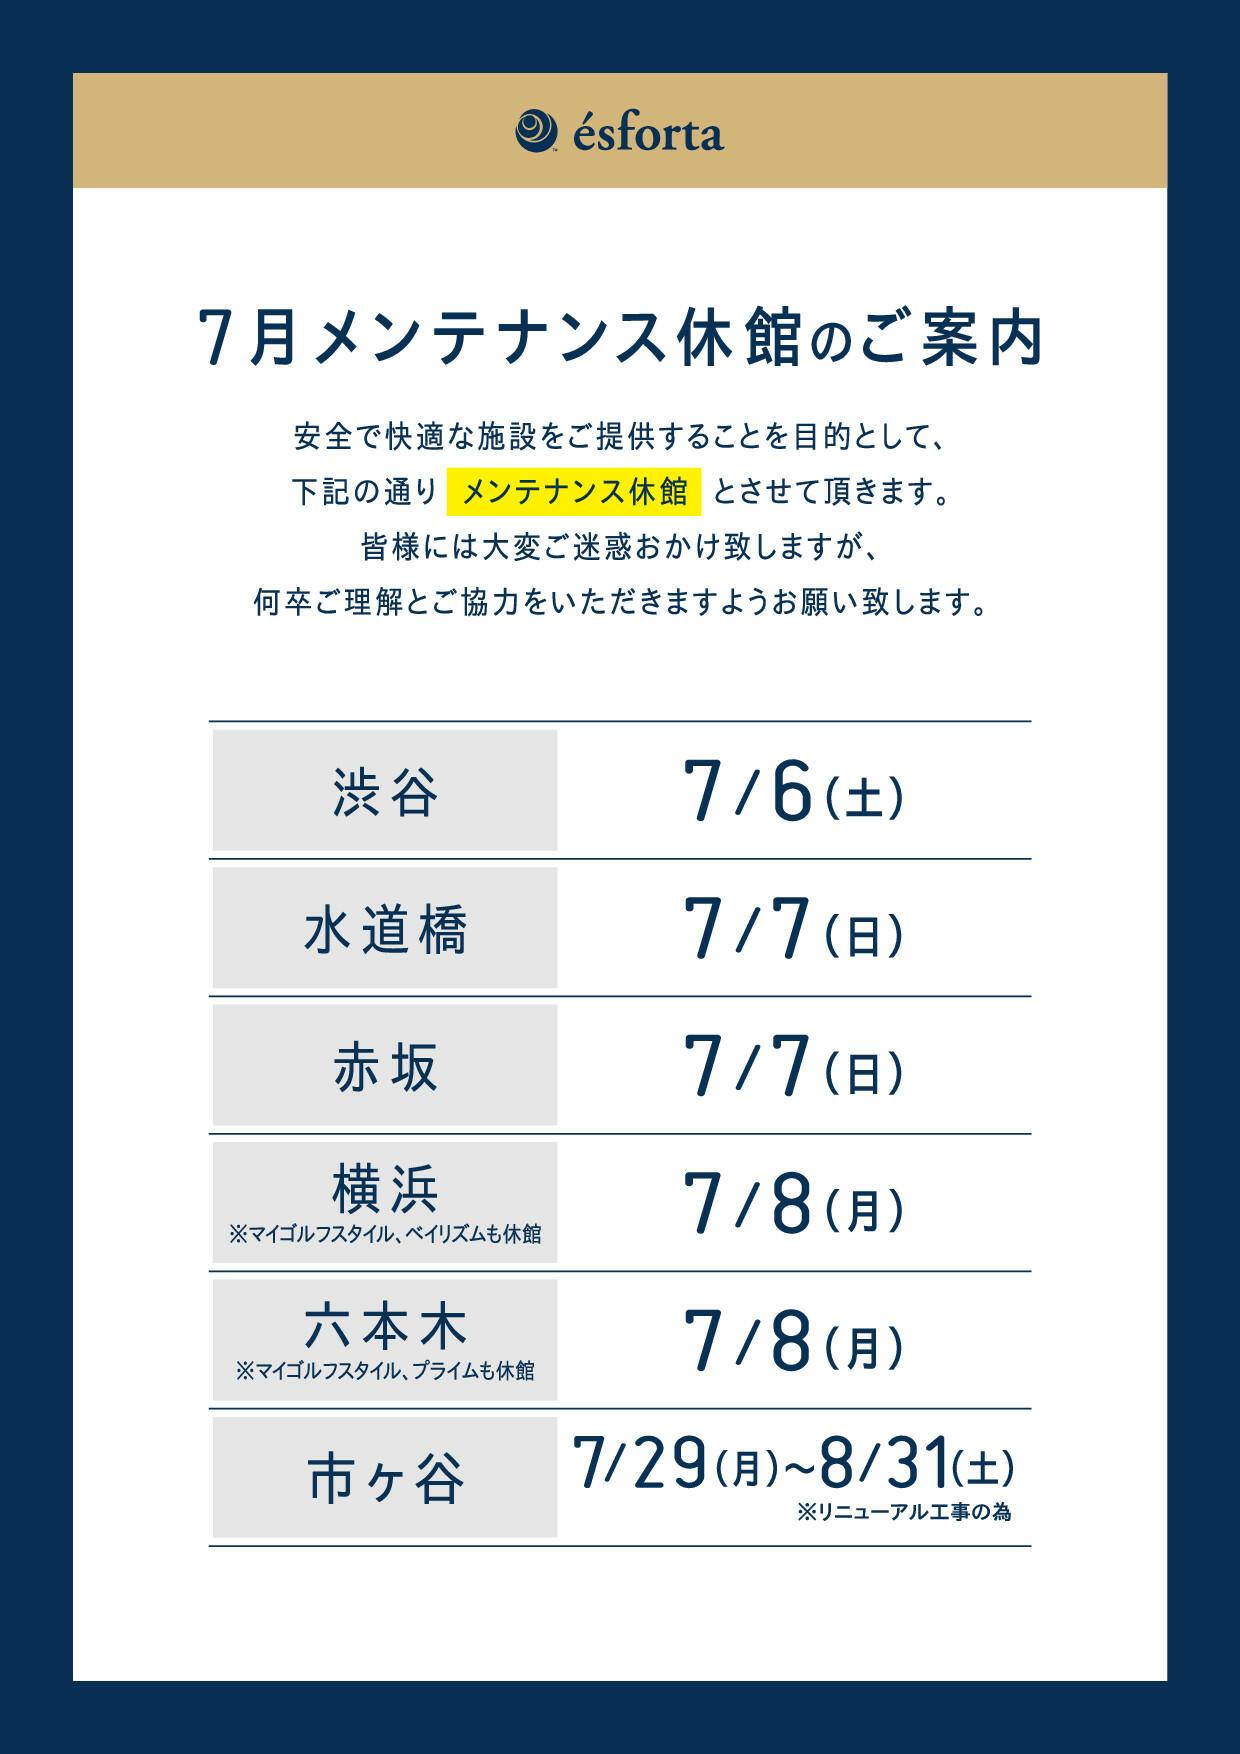 201907休館日直営店掲示用_p001.jpg